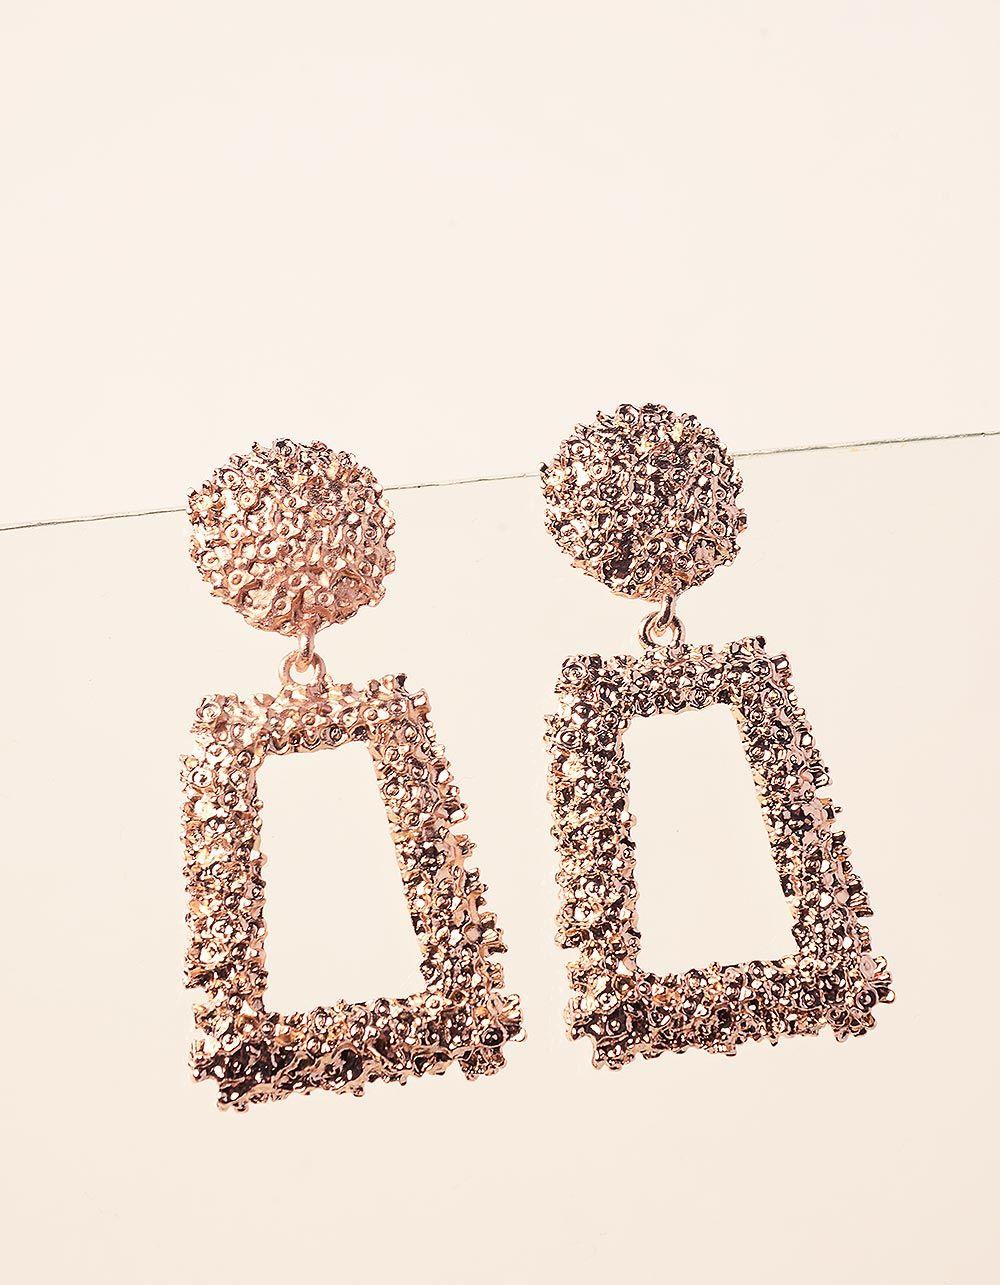 Сережки  фігурні  з рельєфним покриттям | 237400-04-XX